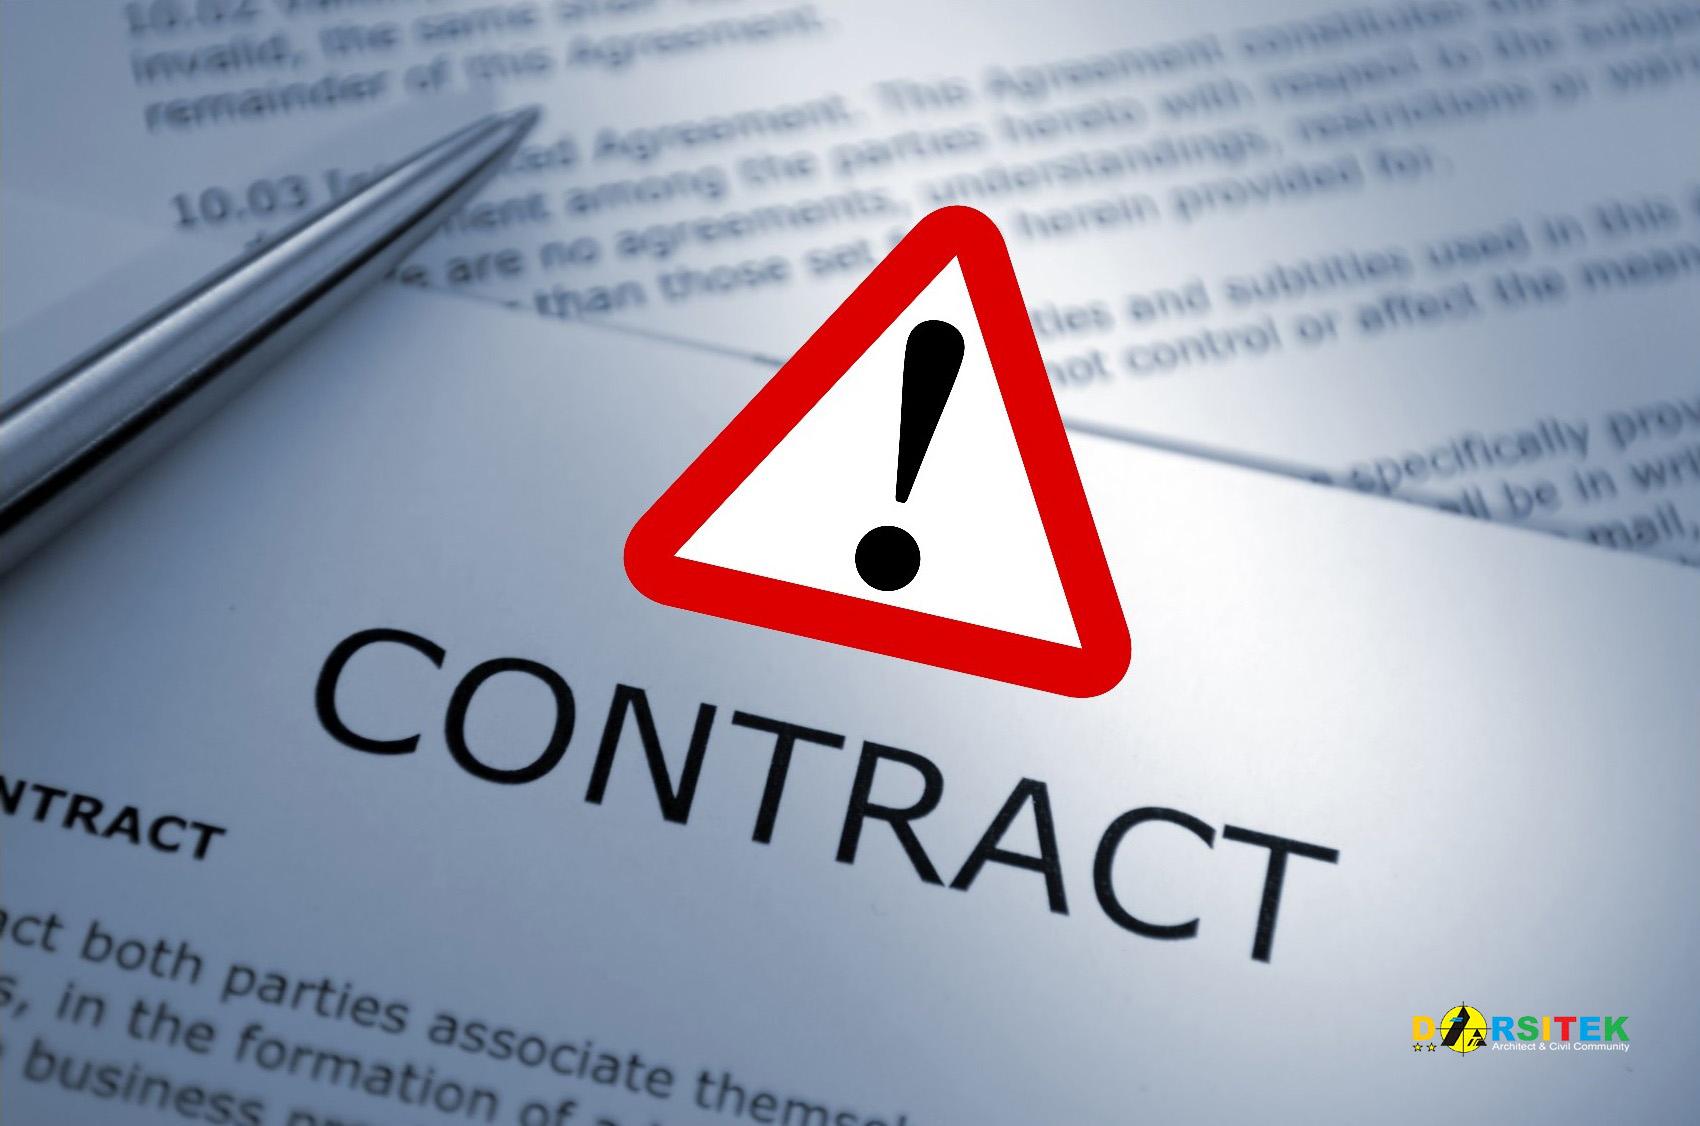 mengatasi kontrak yang bermasalah